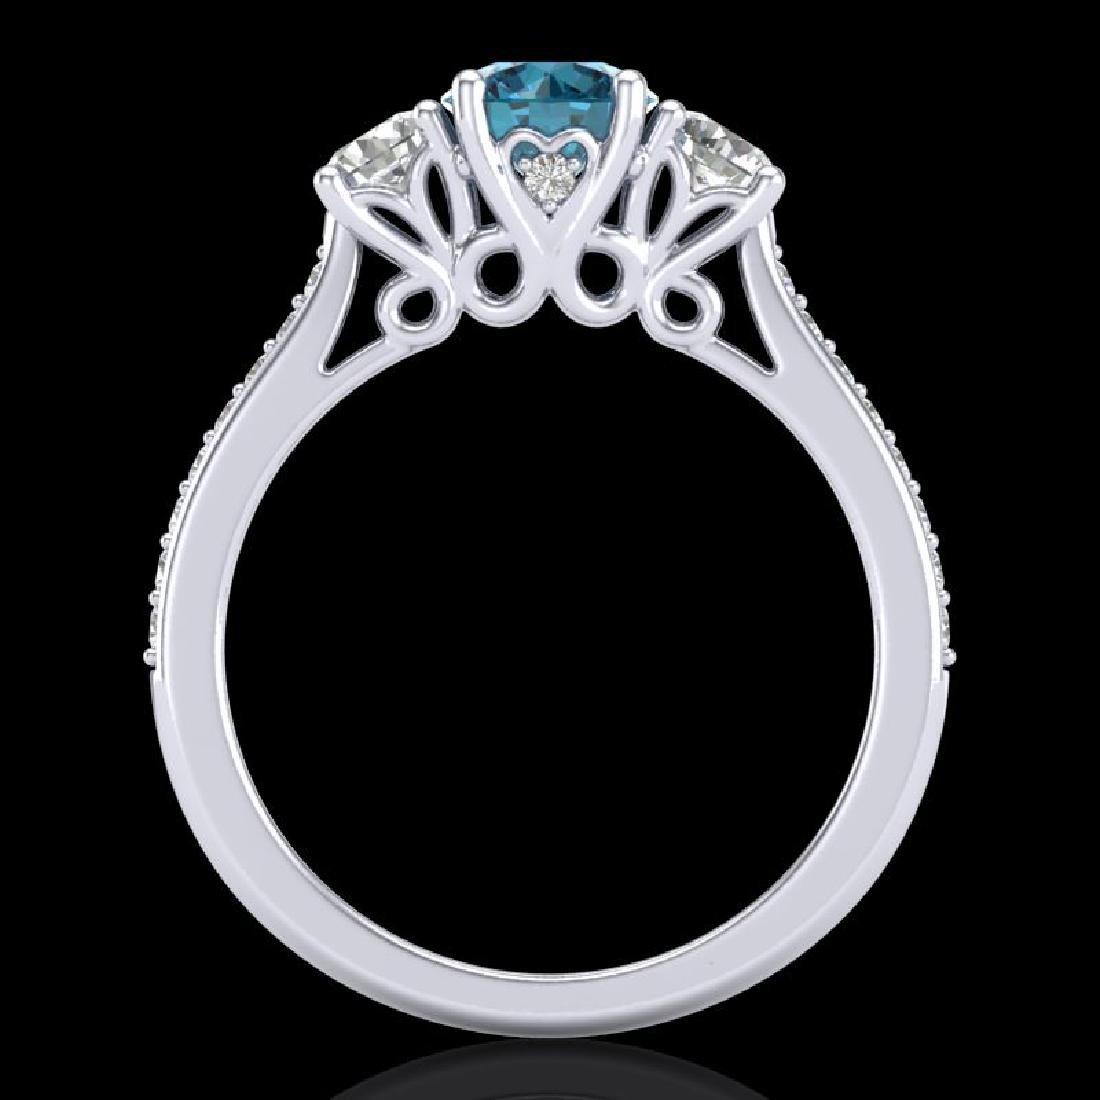 1.67 CTW Intense Blue Diamond Solitaire Art Deco 3 - 3